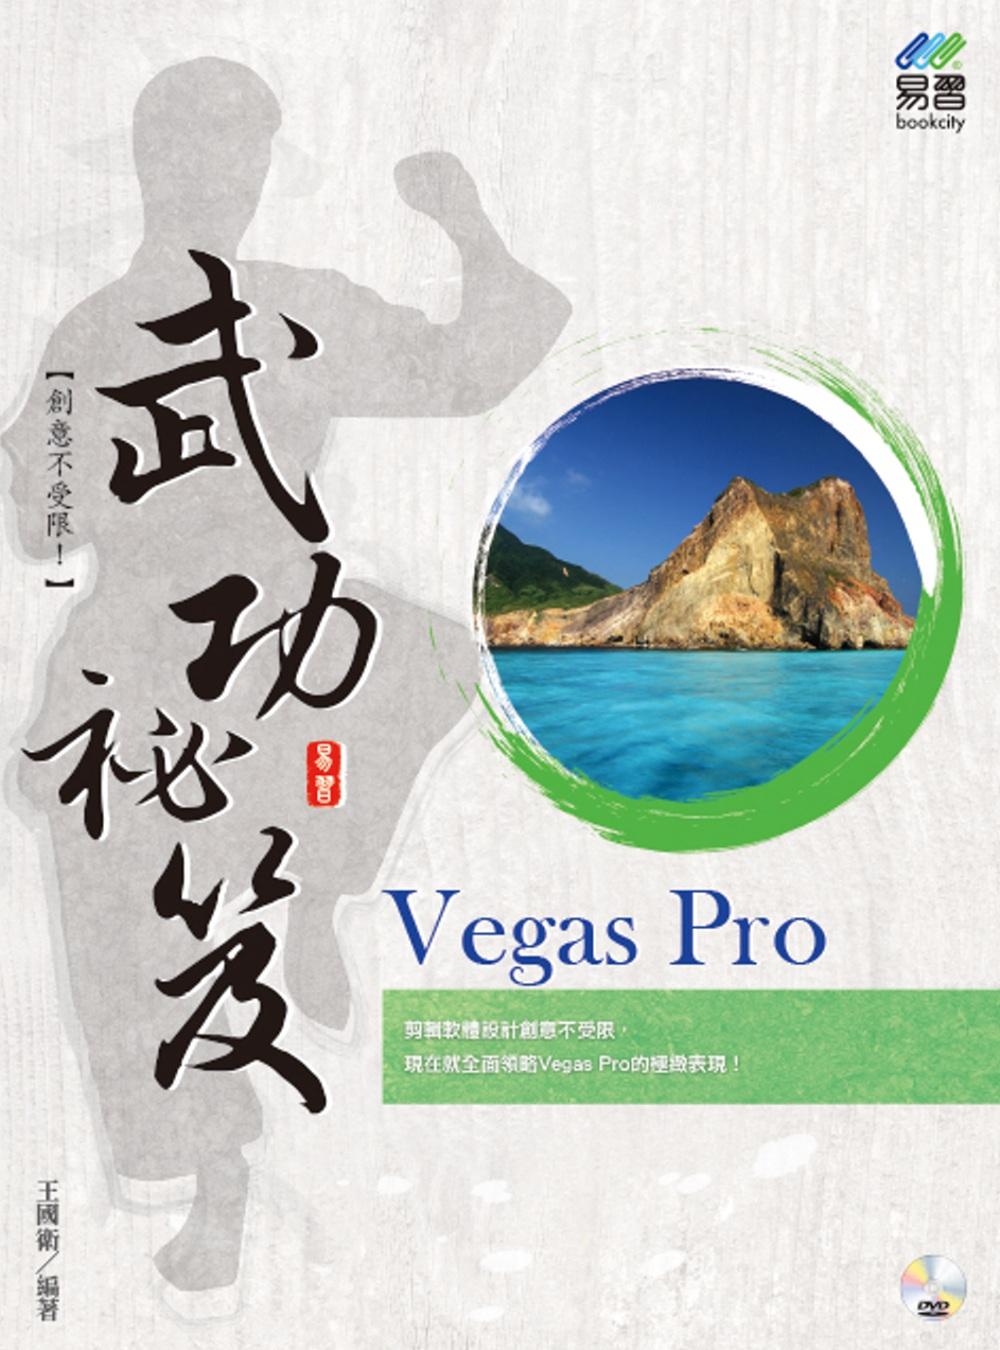 Vegas Pro 武功祕笈